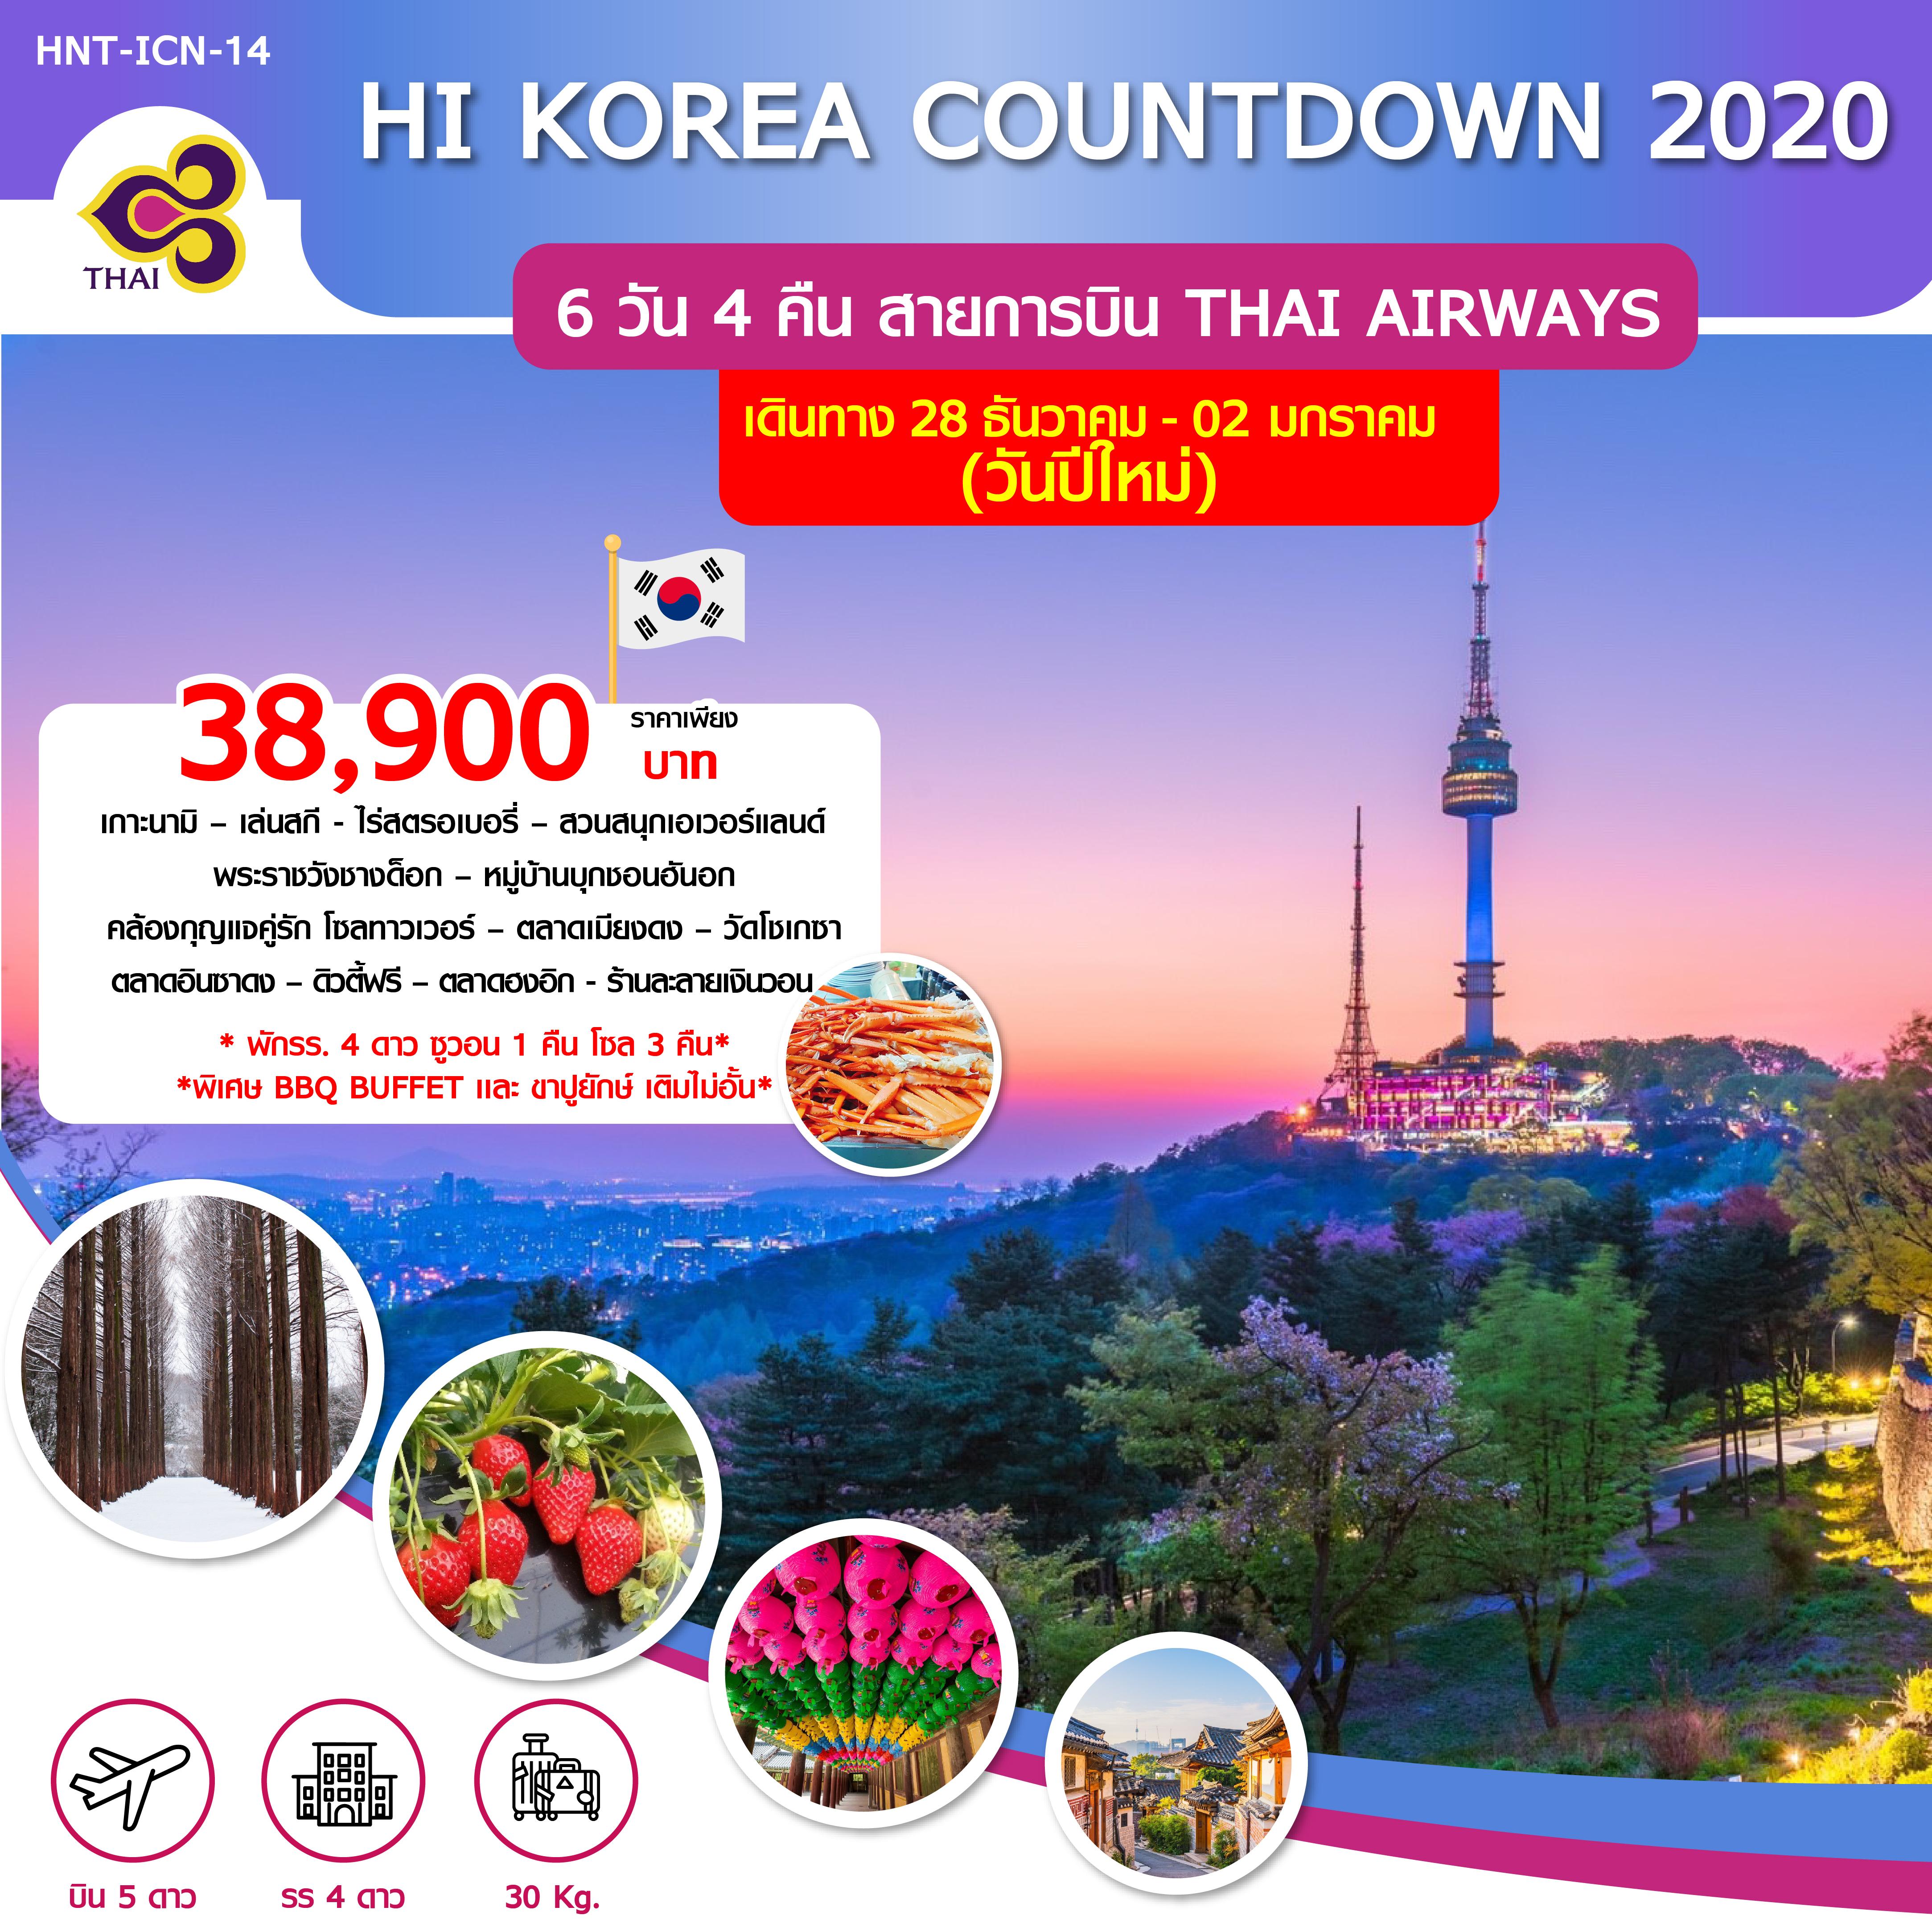 -ปีใหม่-!!-ทัวร์เกาหลี-HI-KOREA-COUNTDOWN-2020-(28DEC19-2JAN20)HNT-ICN-14